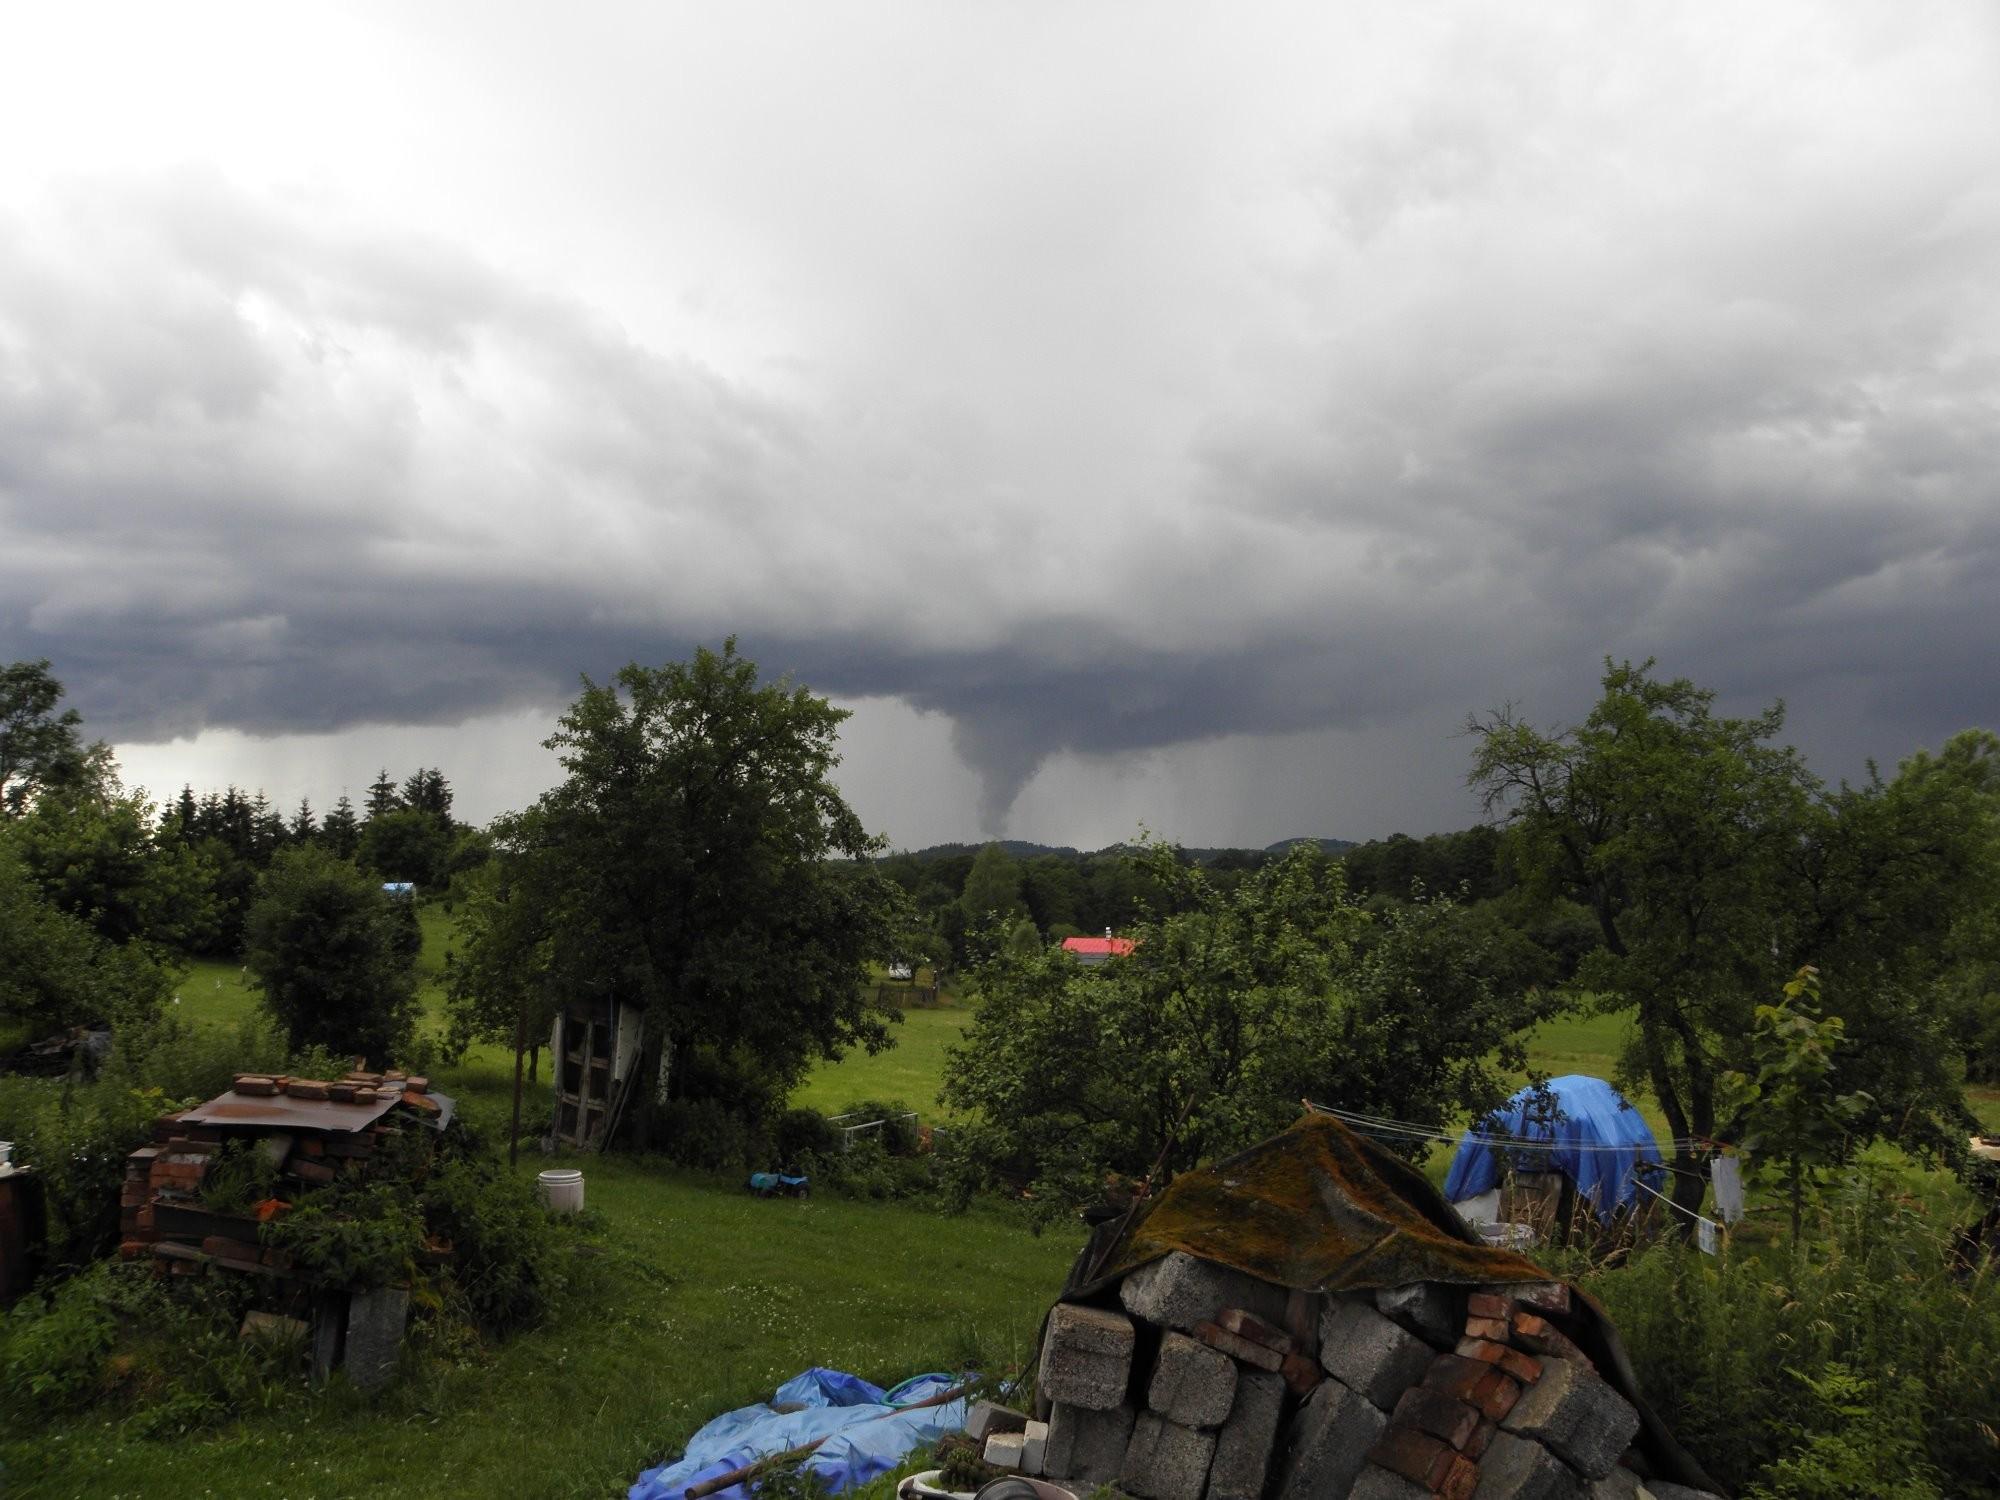 Bouřka u Jablonného v Podještědí